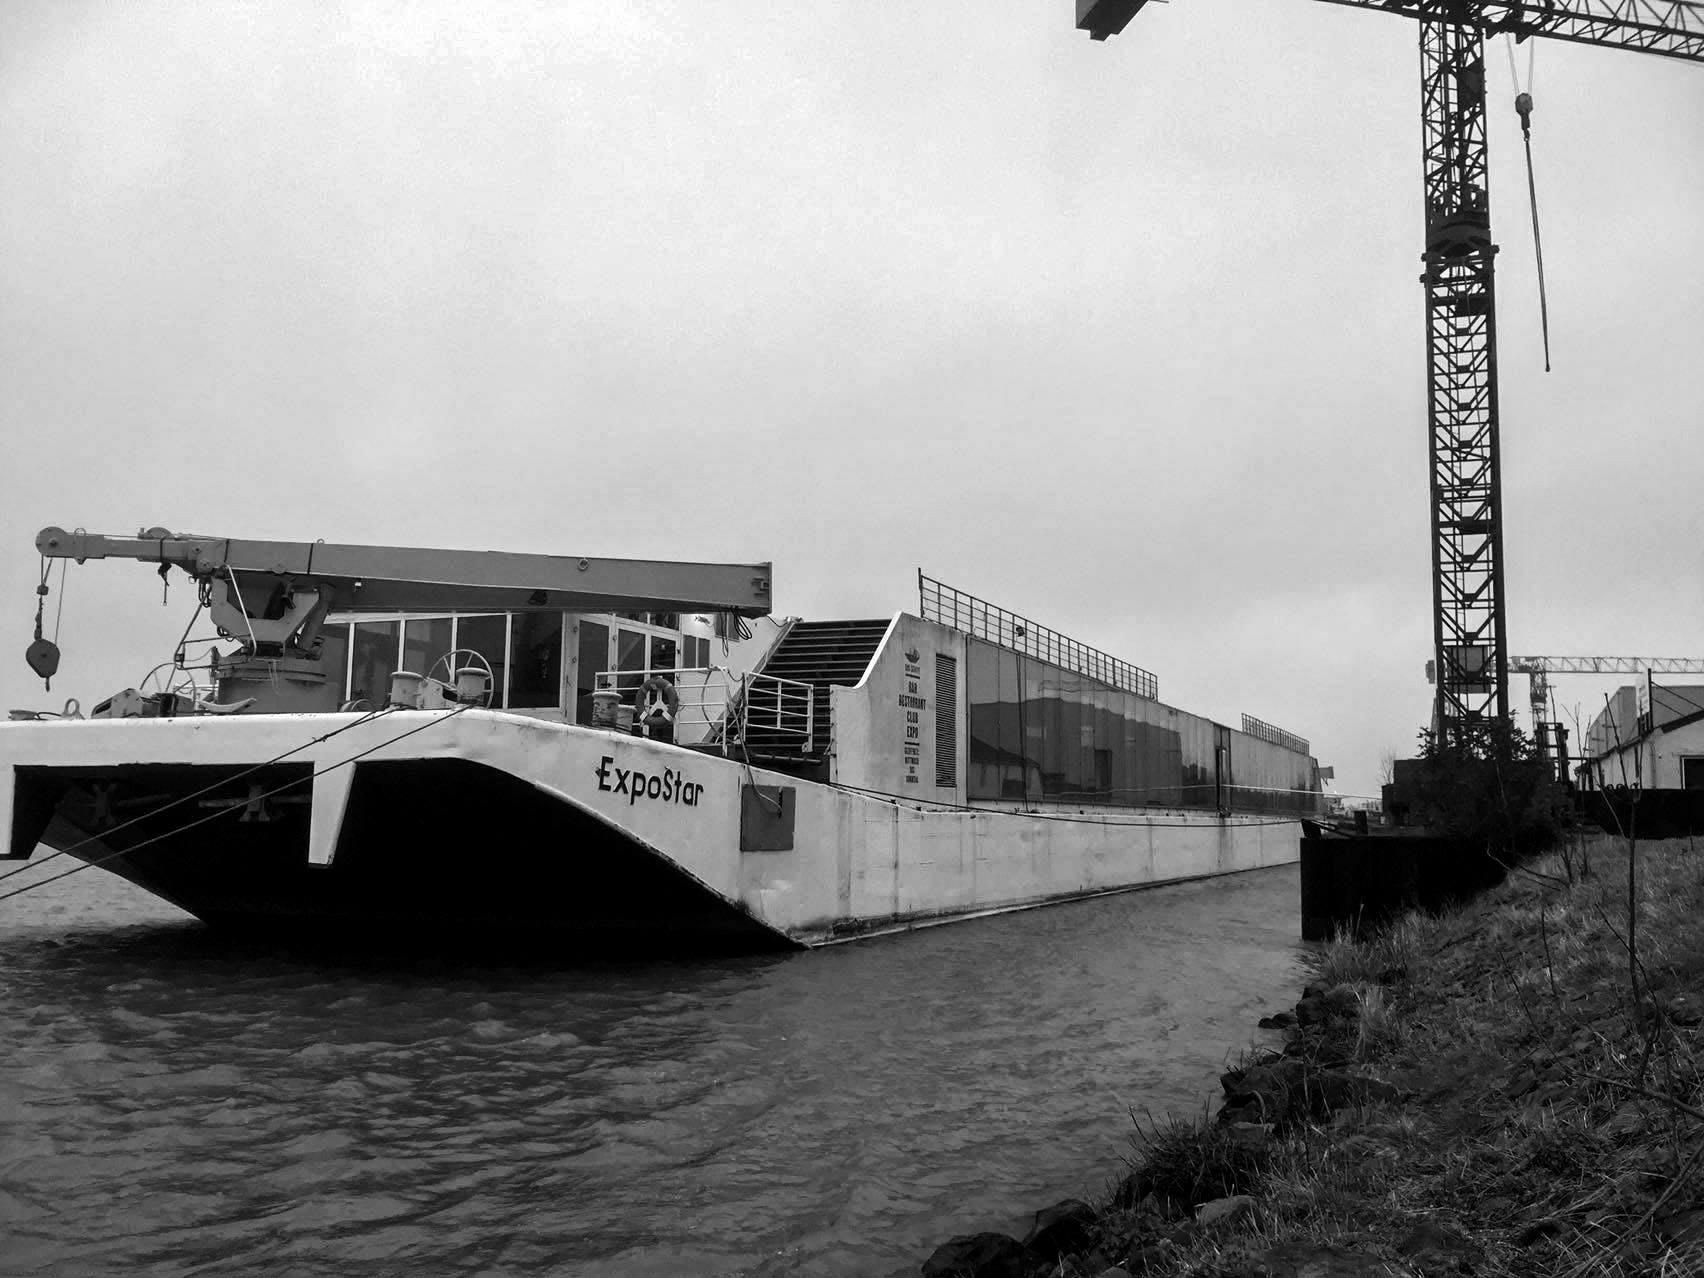 Die Expostar wird in Holland komplett renoviert.